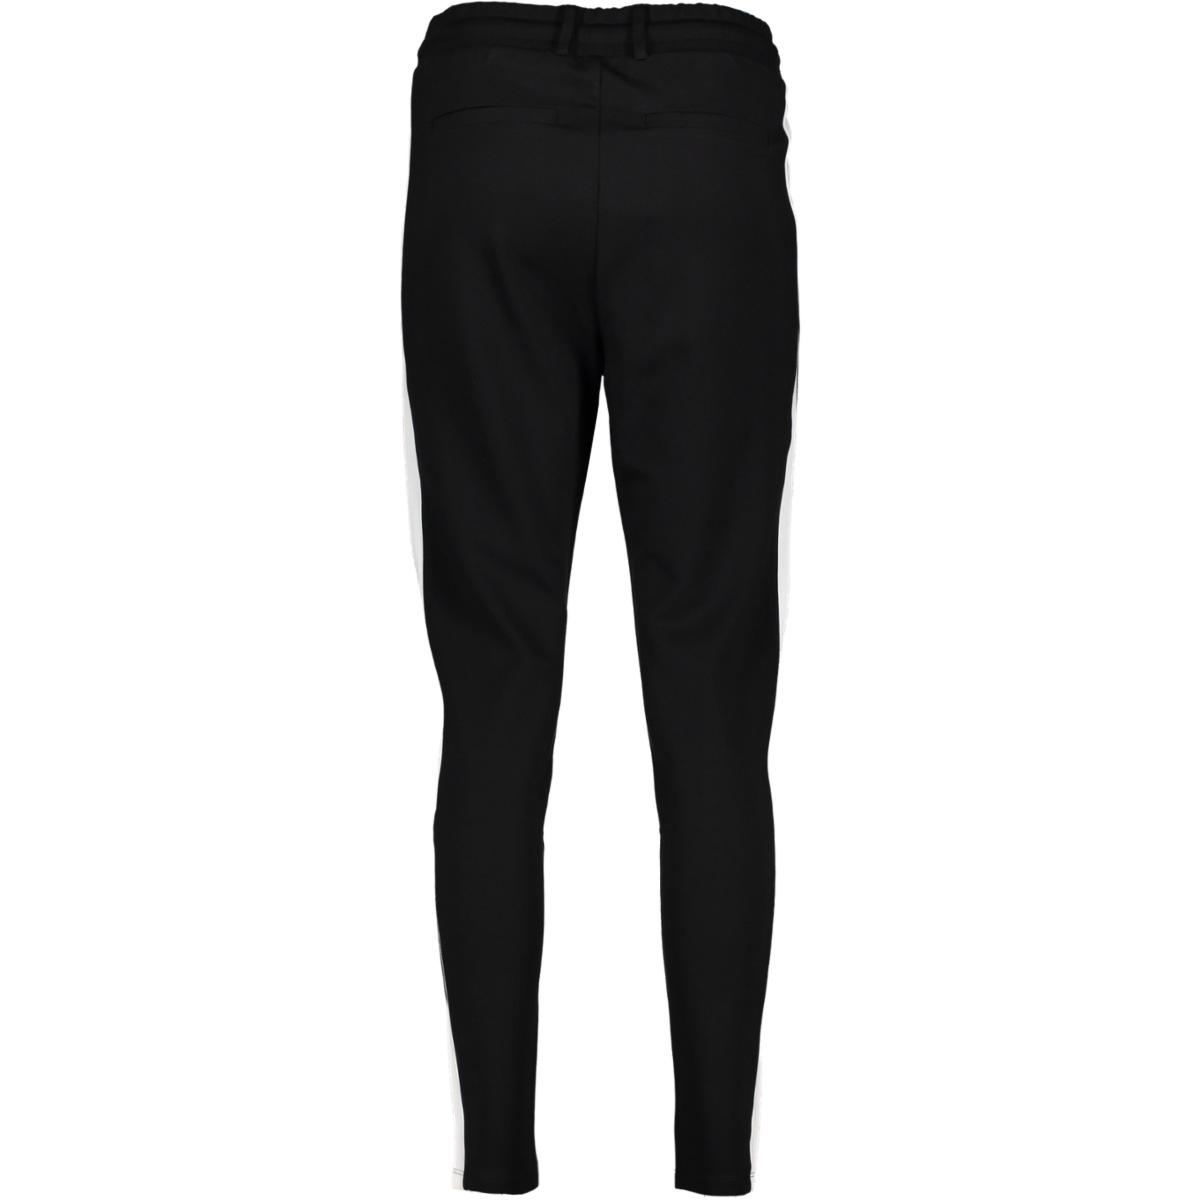 l70317 garcia broek 60 black